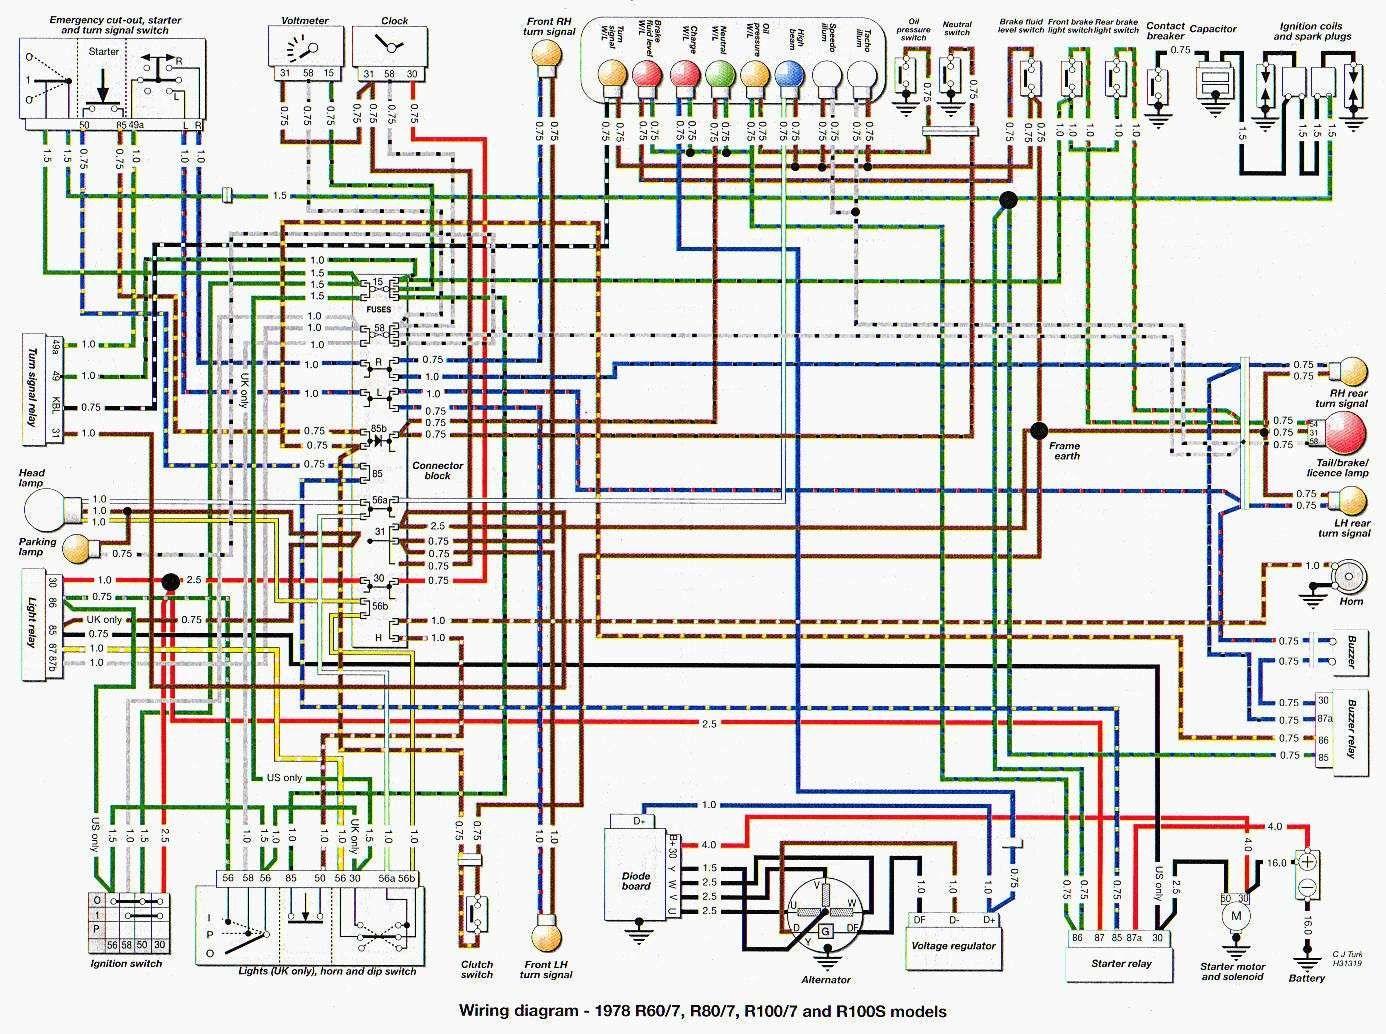 K1200lt Tape Deck Wiring Diagram - Wiring Diagrams Schema on